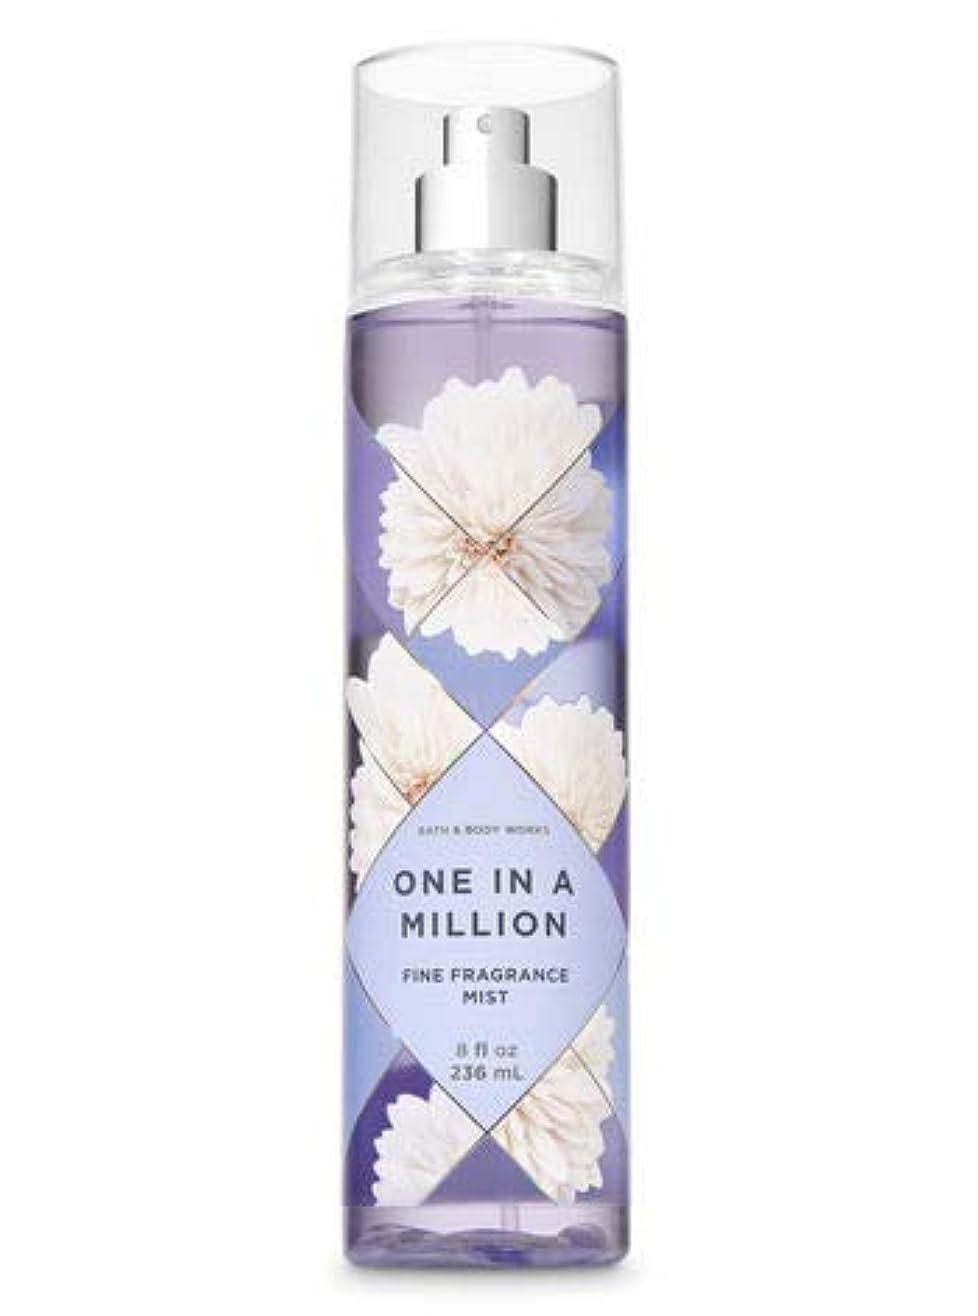 月曜シチリア家具【Bath&Body Works/バス&ボディワークス】 ファインフレグランスミスト ワンインアミリオン Fine Fragrance Mist One in a Million 8oz (236ml) [並行輸入品]